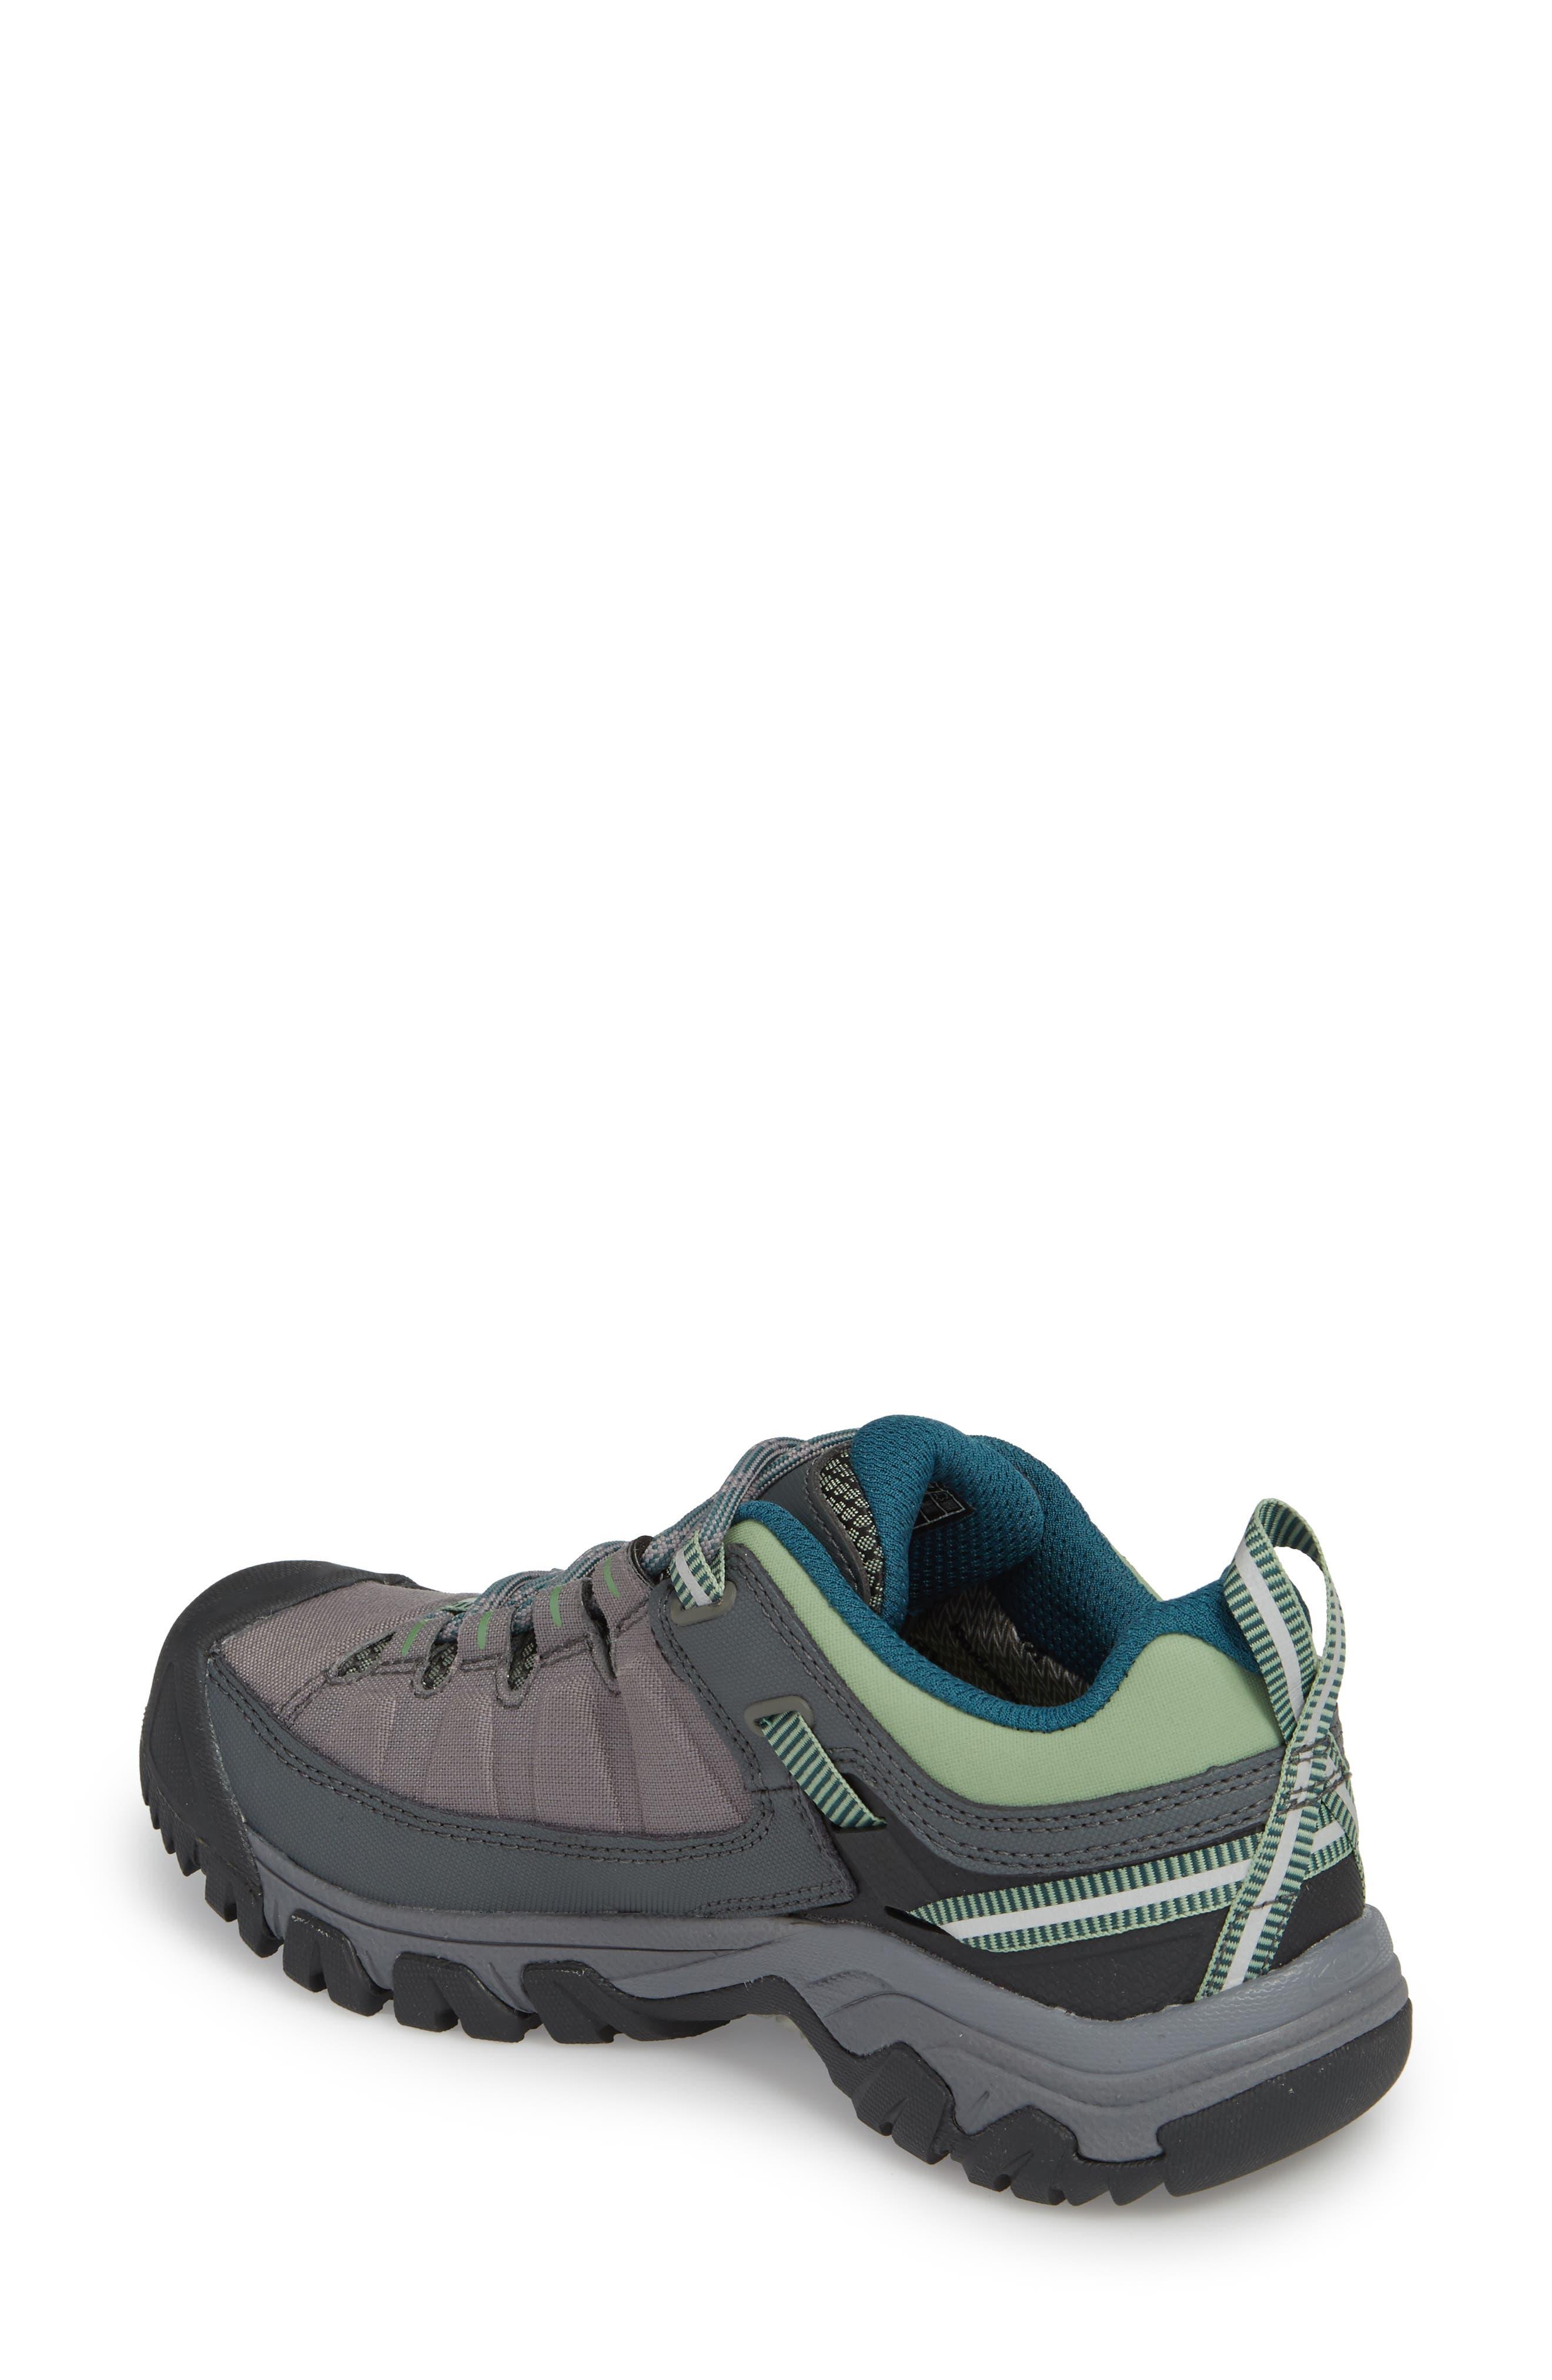 Targhee EXP Waterproof Hiking Shoe,                             Alternate thumbnail 2, color,                             STEEL GREY/ BASIL